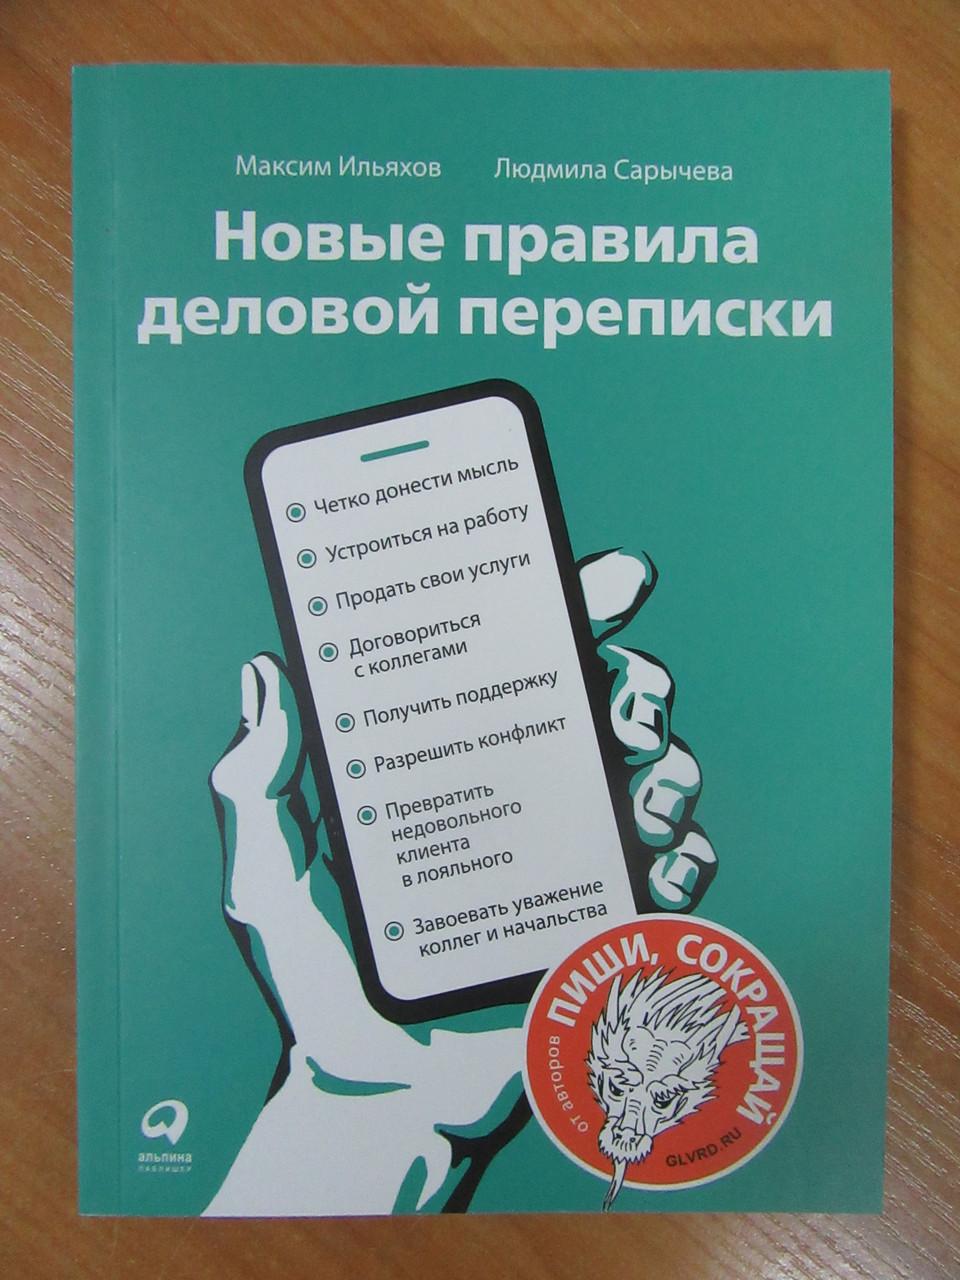 Максим Ильяхов, Людмила Сарычева. Новые правила деловой переписки